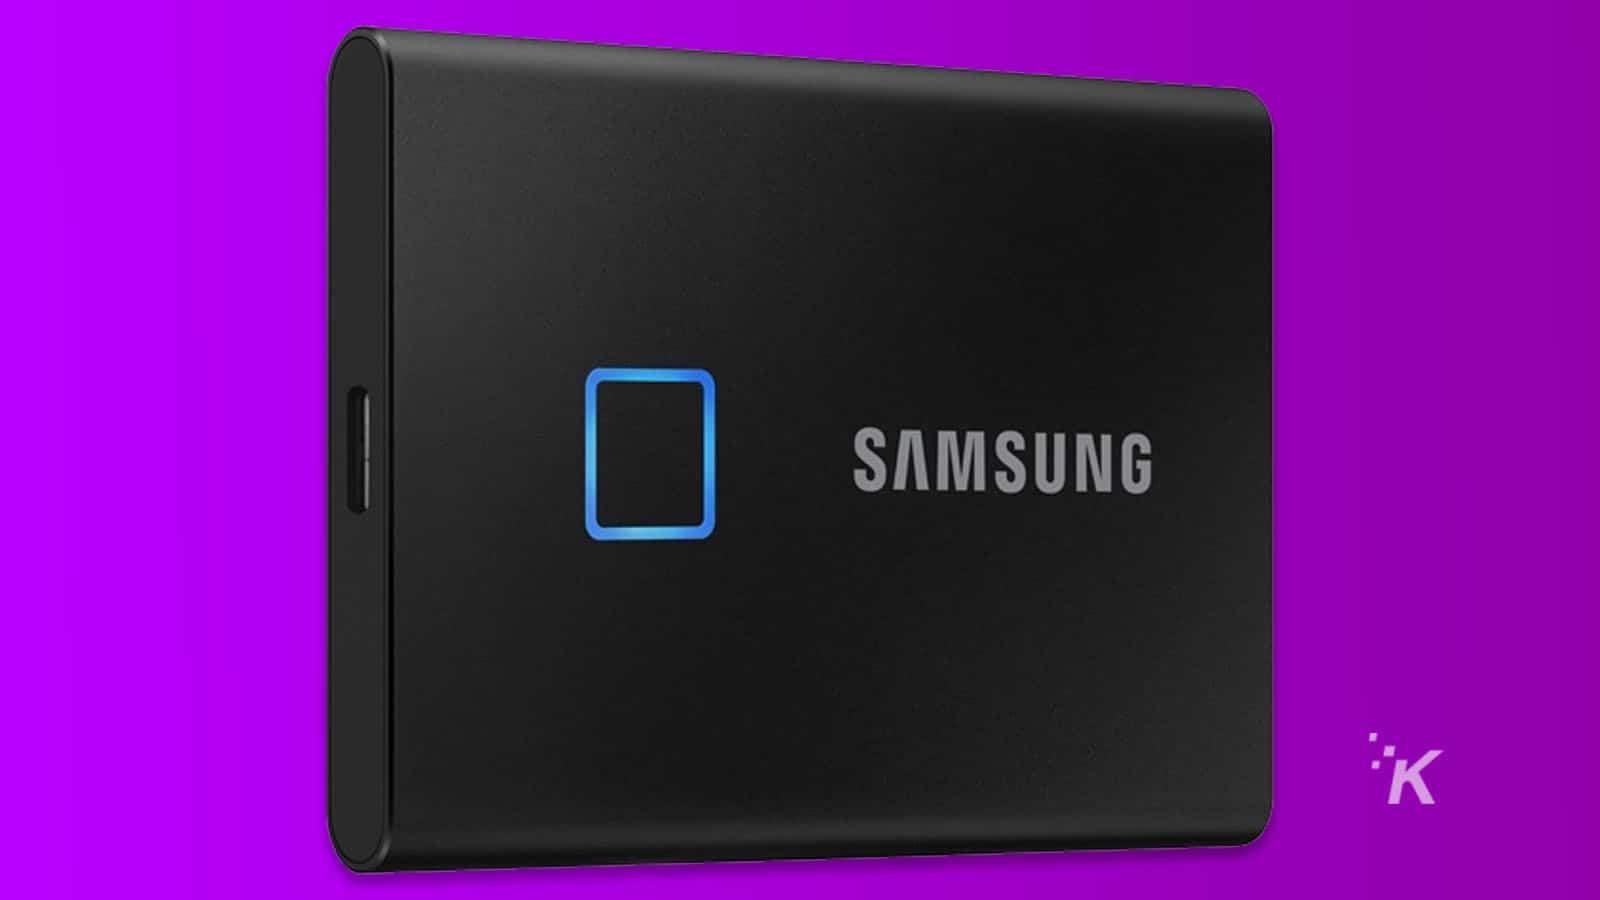 samsung external ssd with fingerprint sensor